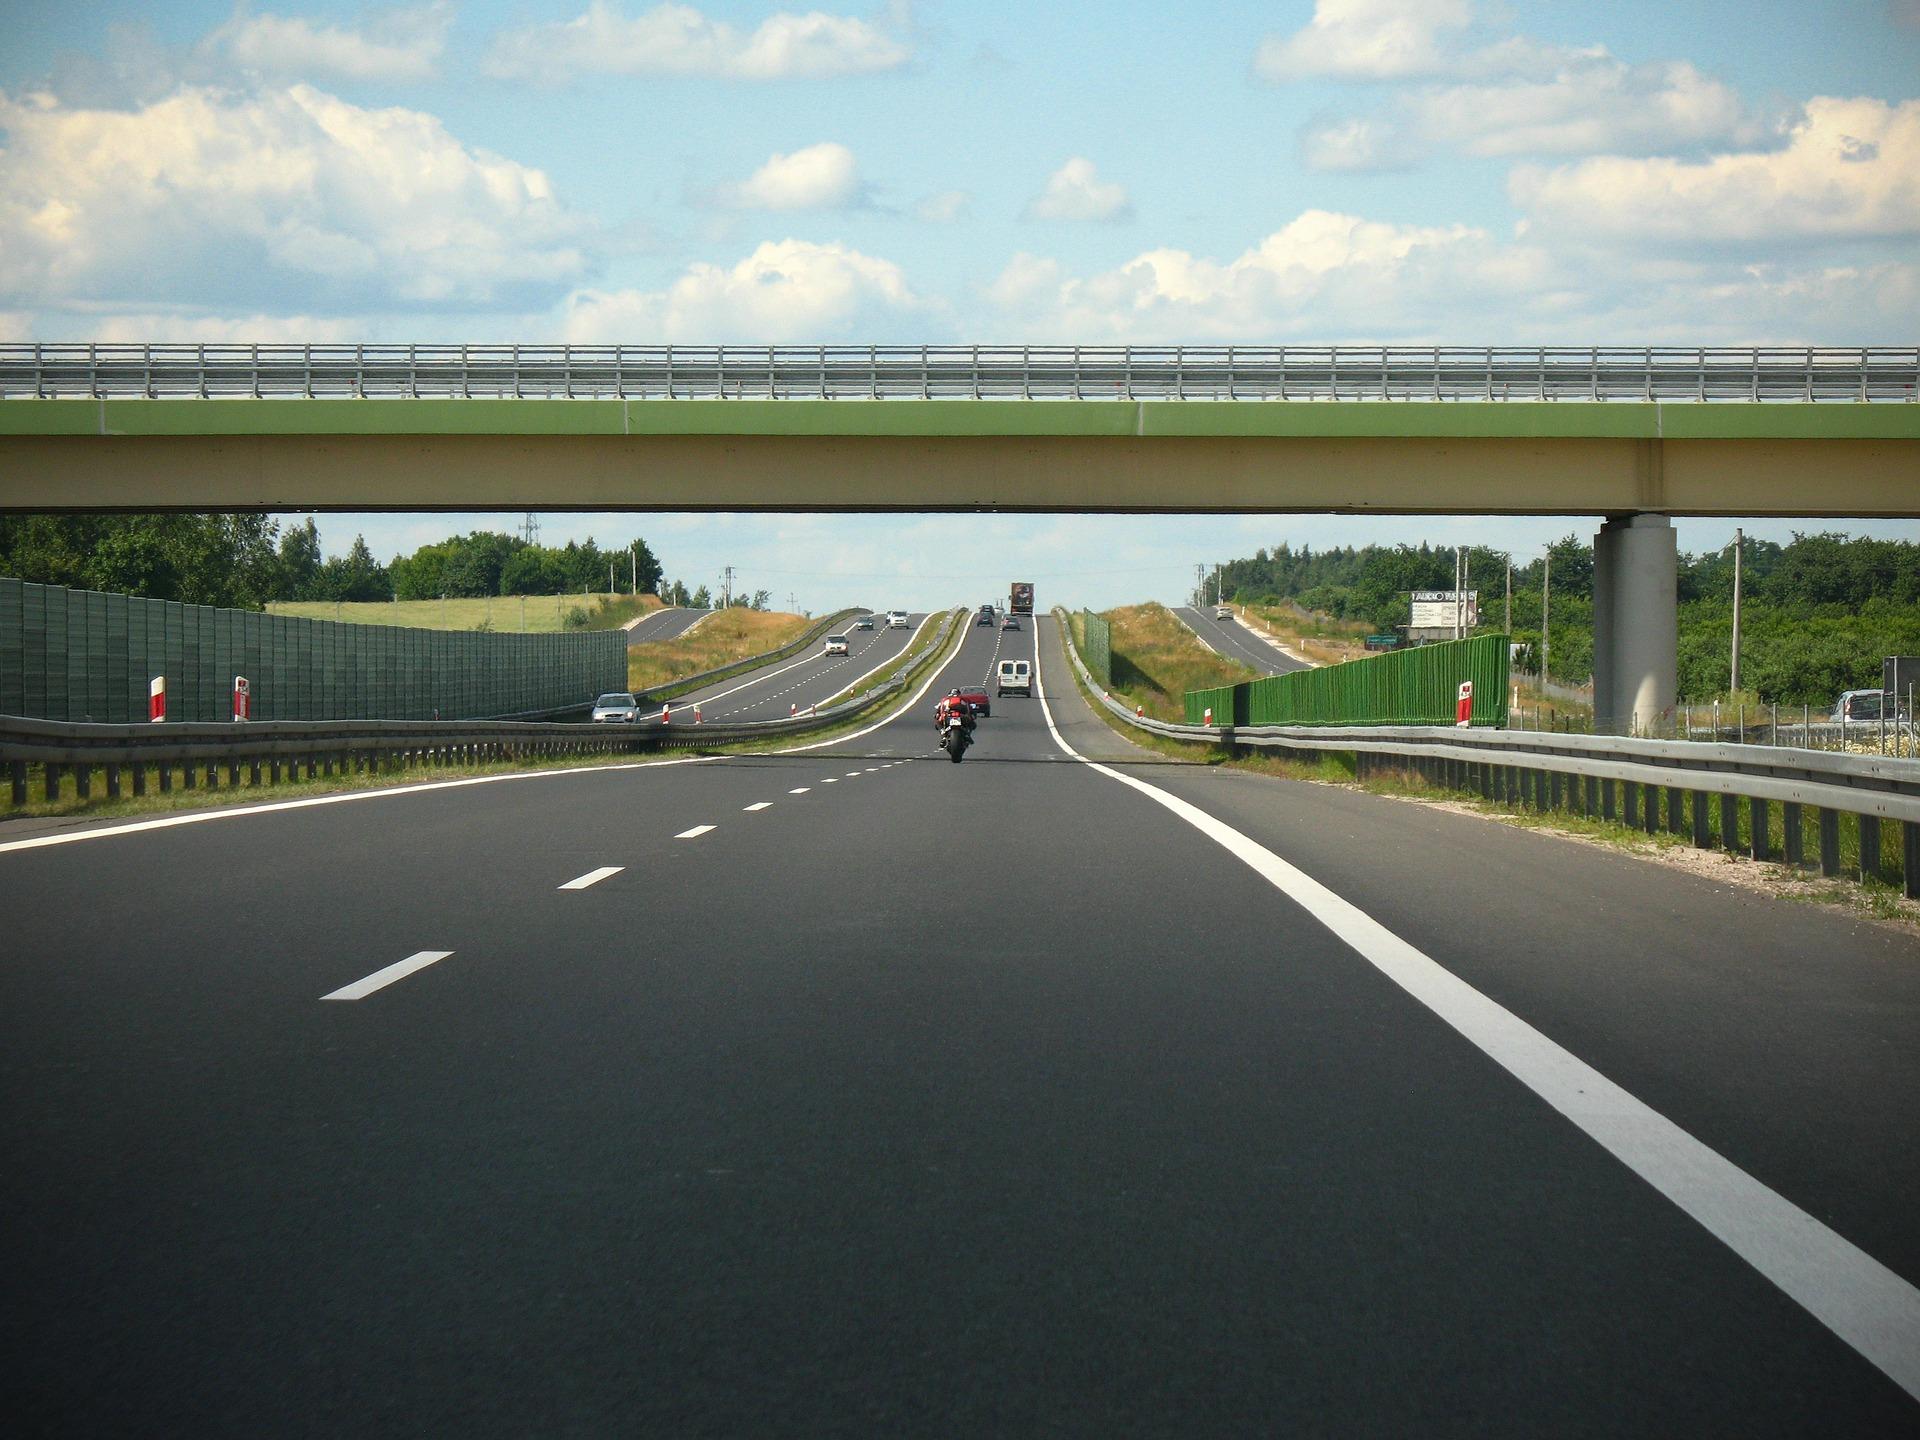 E-R, da oggi possibili gli spostamenti tra le province di Rimini e Pesaro-Urbino per far visita ai congiunti